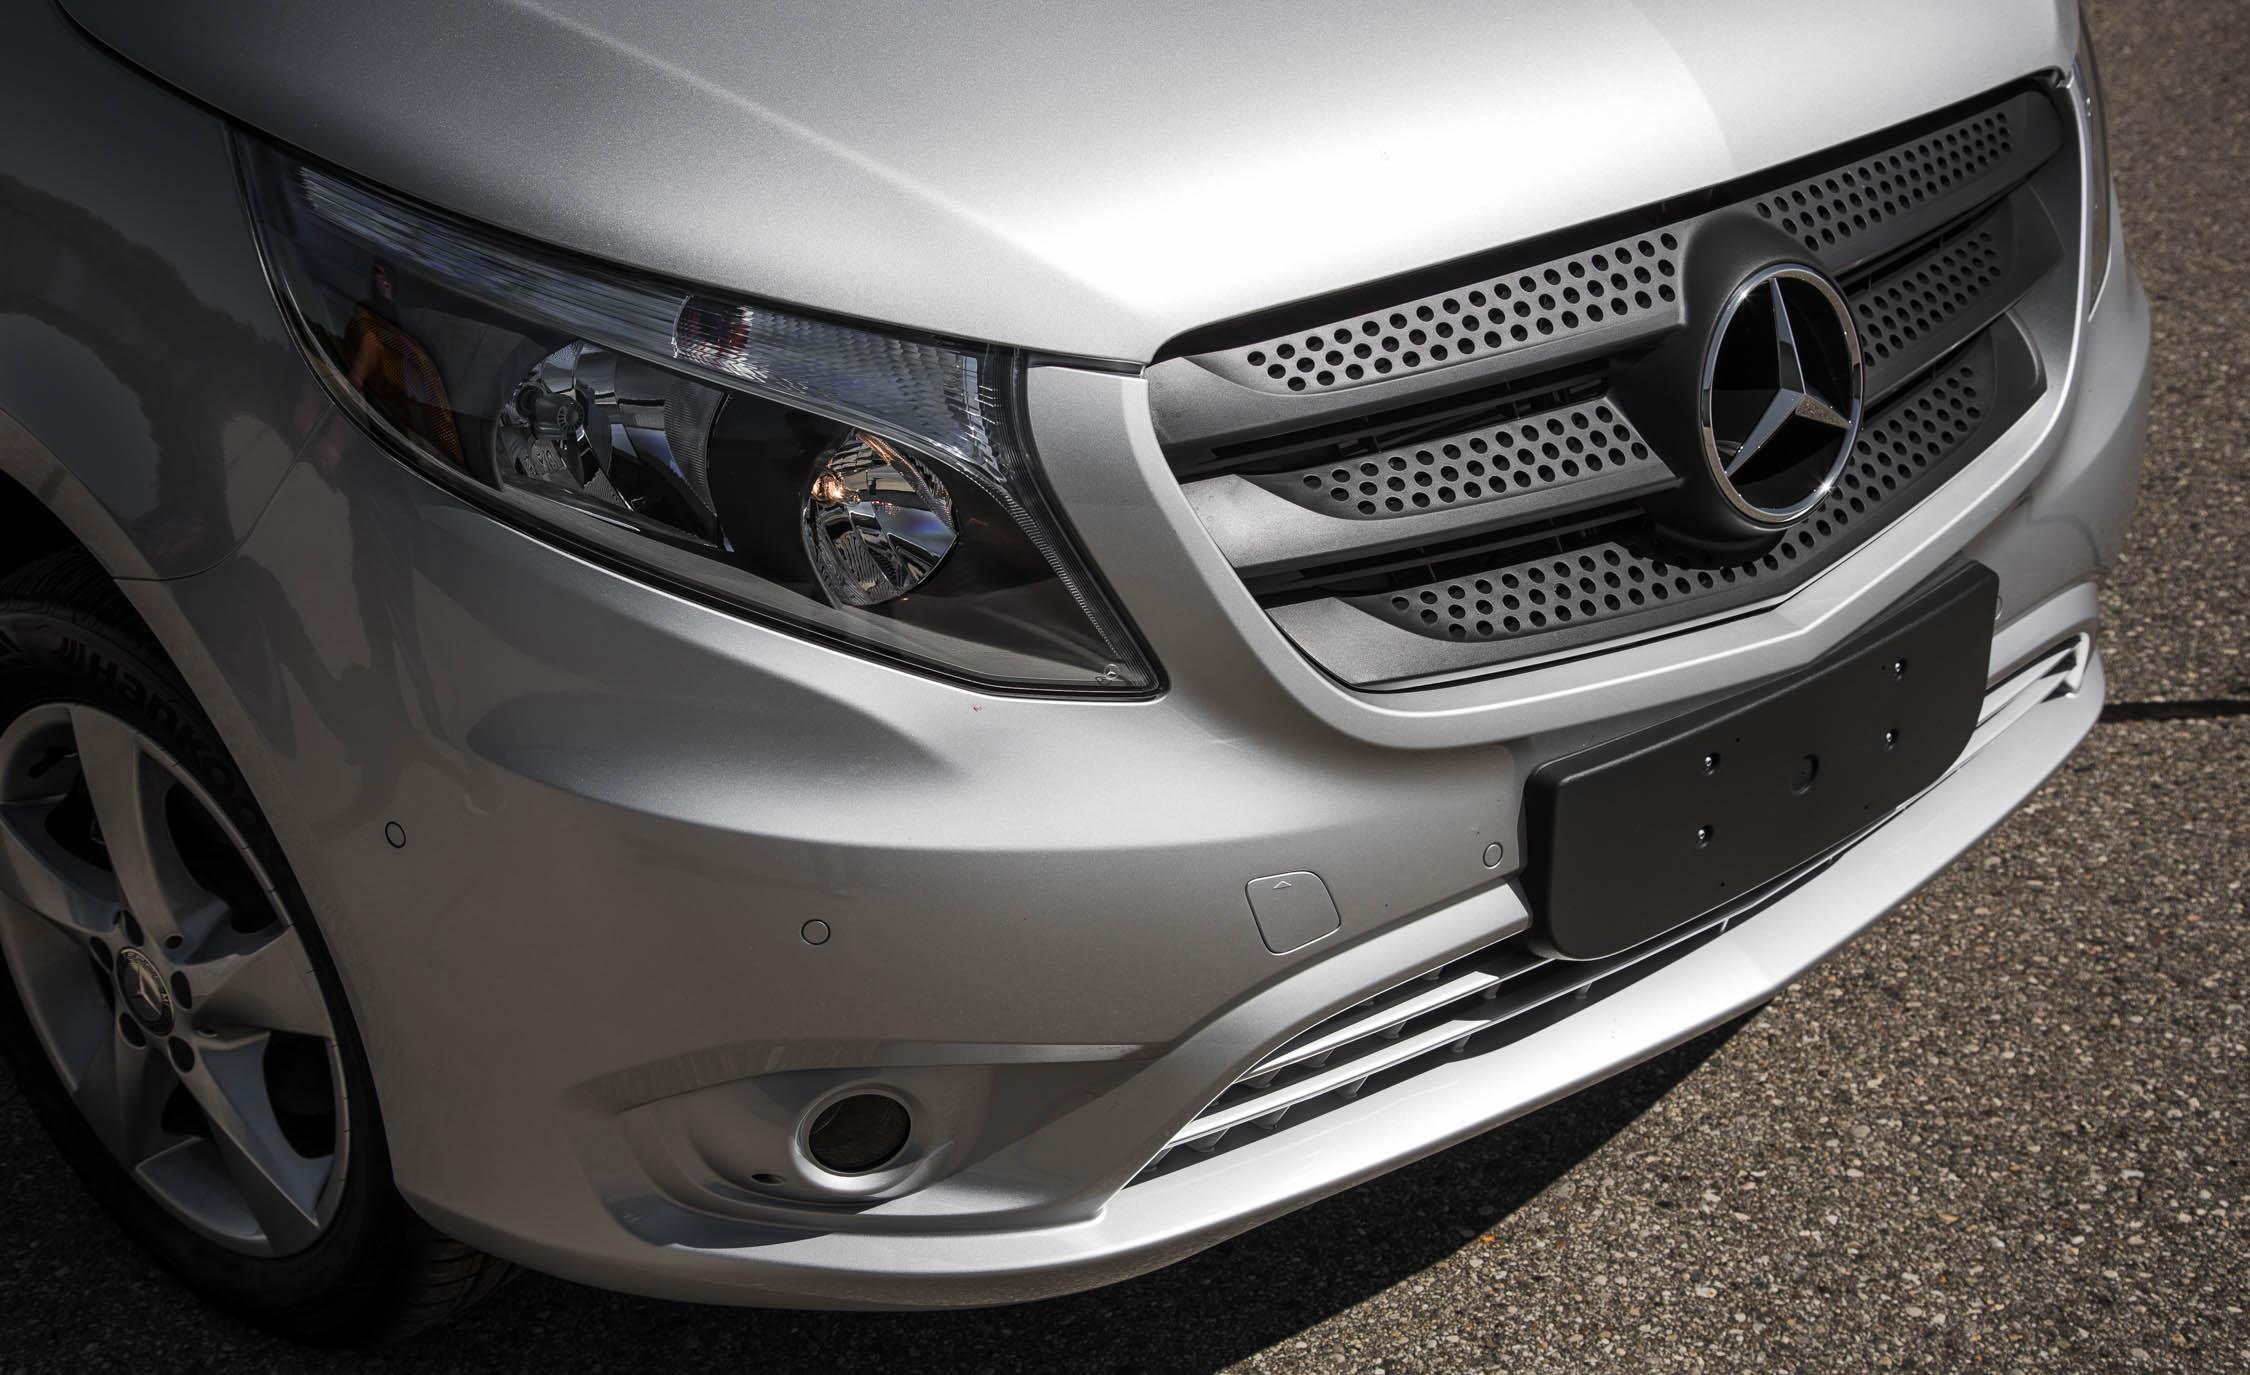 2016 Mercedes-Benz Metris Exterior Bumper